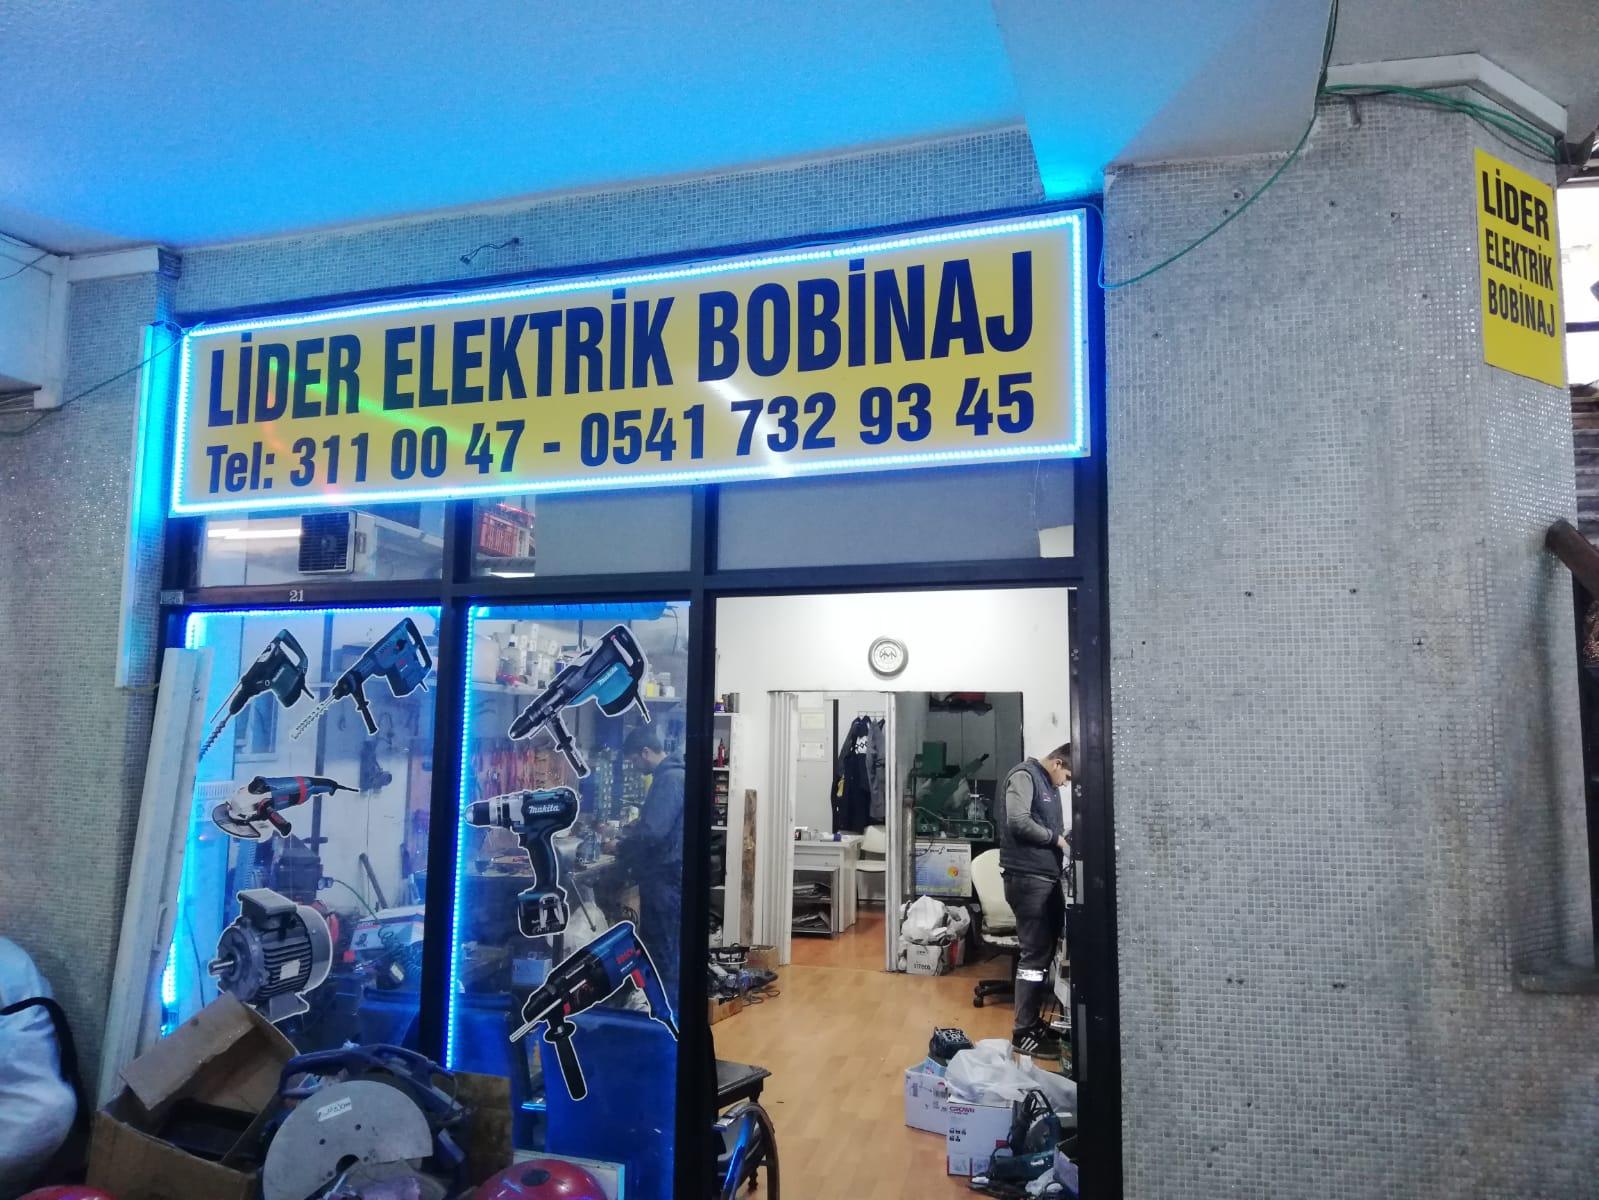 Lider Elektrik Bobinaj